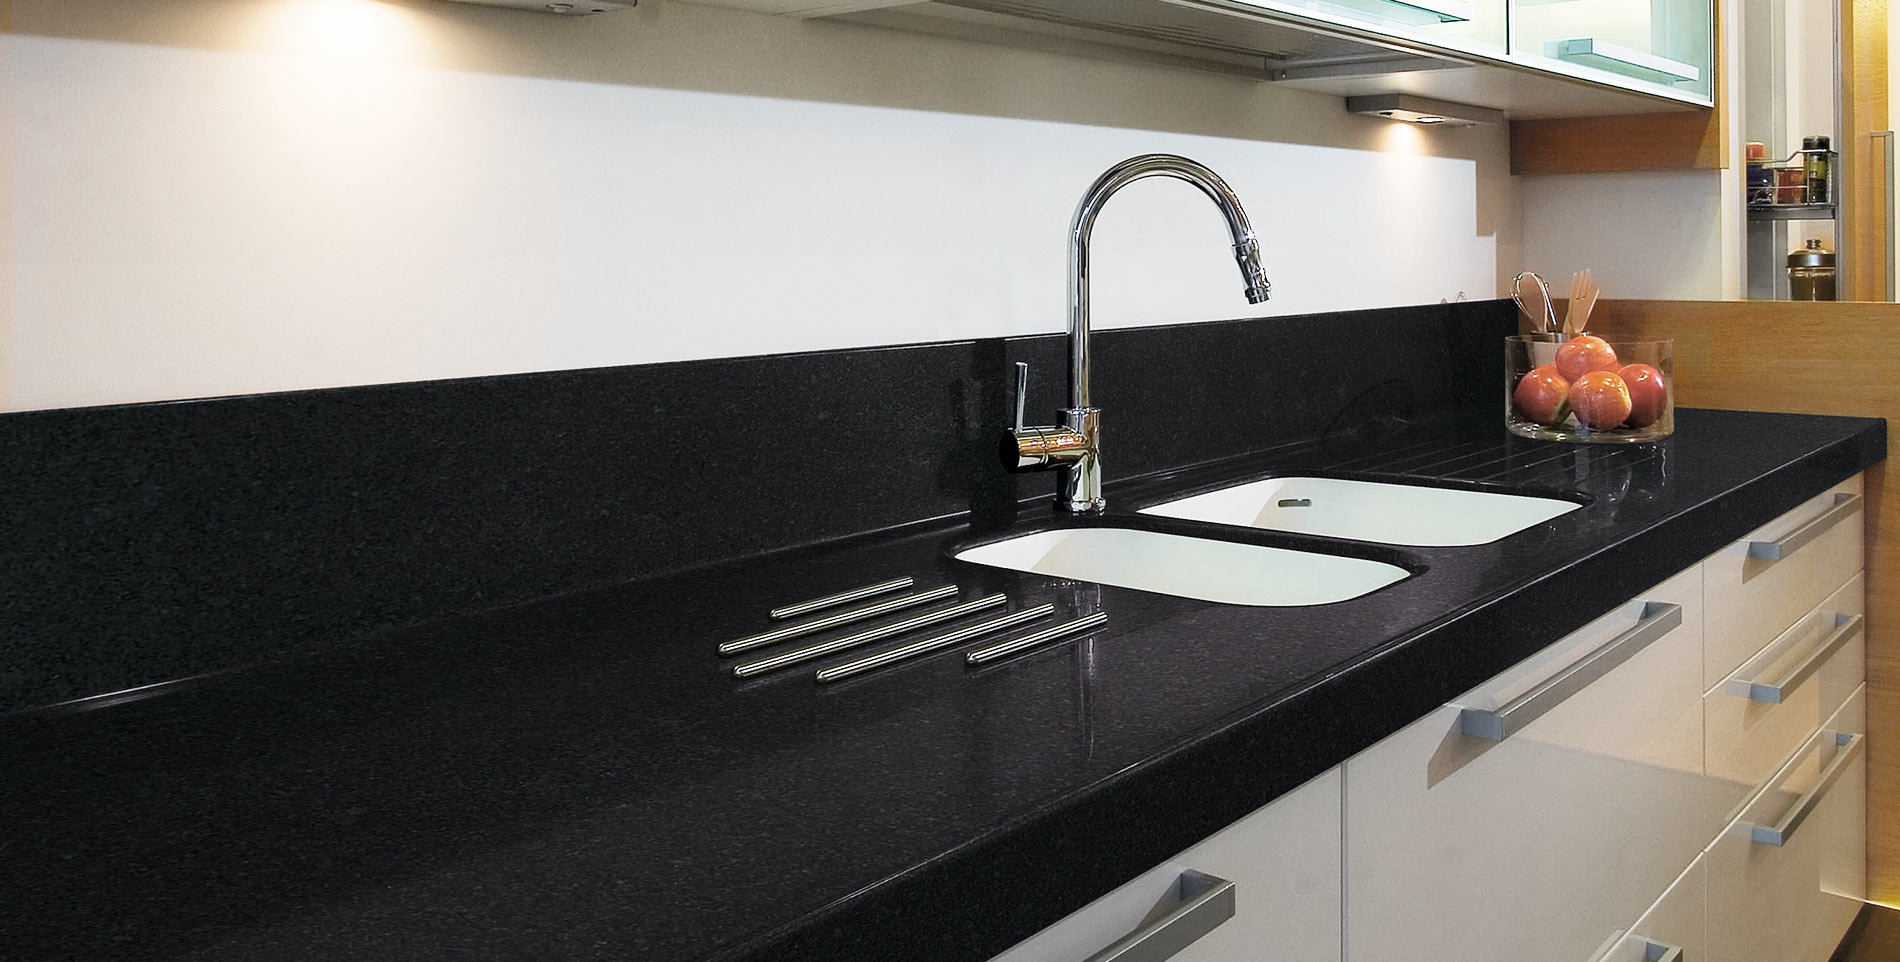 Encimera negra materiales de construcci n para la reparaci n - Encimeras de cocina ...